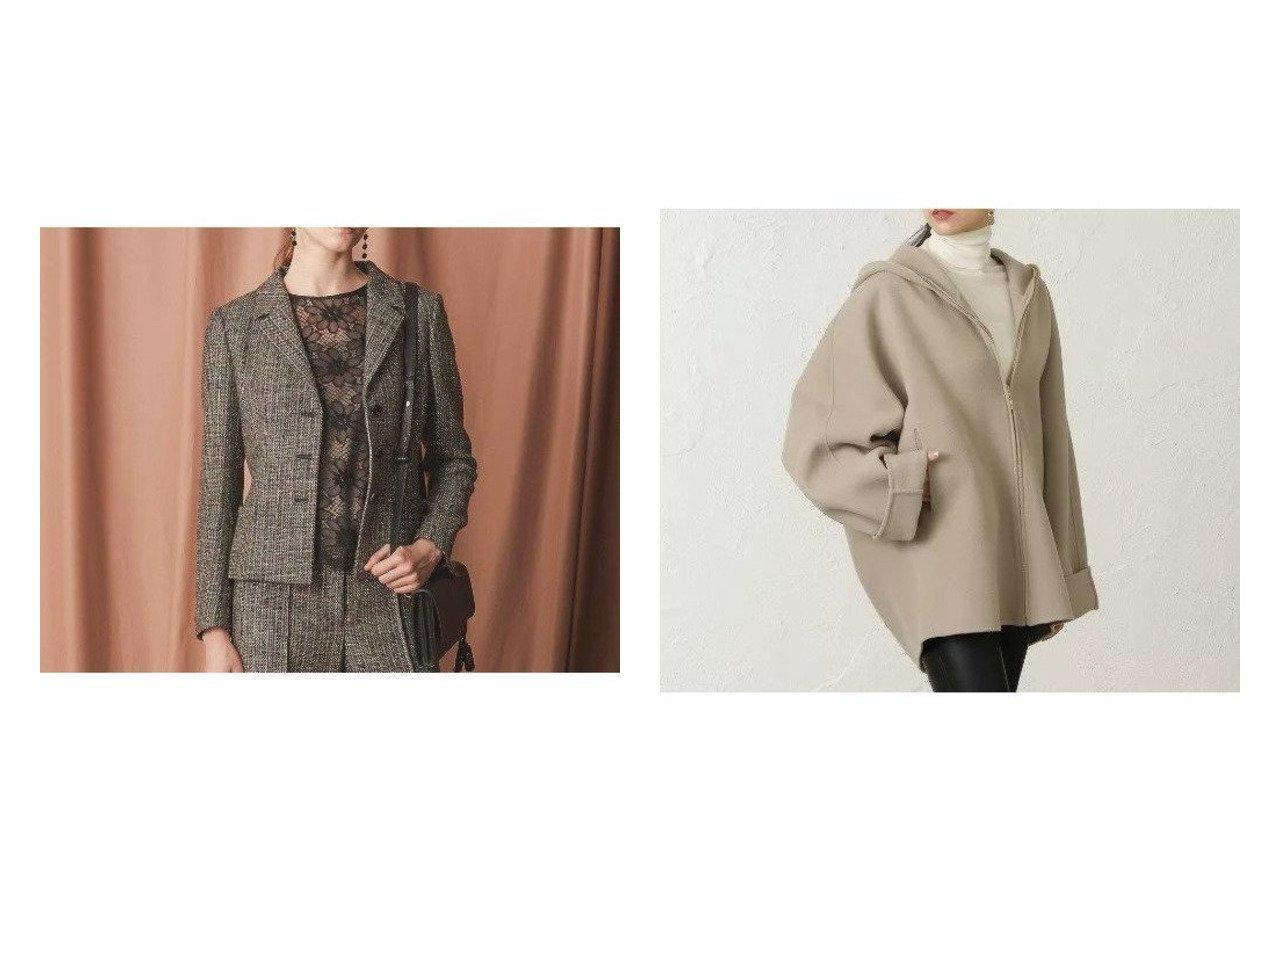 【EPOCA/エポカ】のファインダブルモッサケープコート&【24 TWENTY FOUR JACKET Tweed】テーラードジャケット アウターのおすすめ!人気、レディースファッションの通販 おすすめで人気のファッション通販商品 インテリア・家具・キッズファッション・メンズファッション・レディースファッション・服の通販 founy(ファニー) https://founy.com/ ファッション Fashion レディース WOMEN アウター Coat Outerwear ジャケット Jackets テーラードジャケット Tailored Jackets コート Coats クラシカル ジャケット ストレッチ ツイード テーラード リボン |ID:crp329100000001715